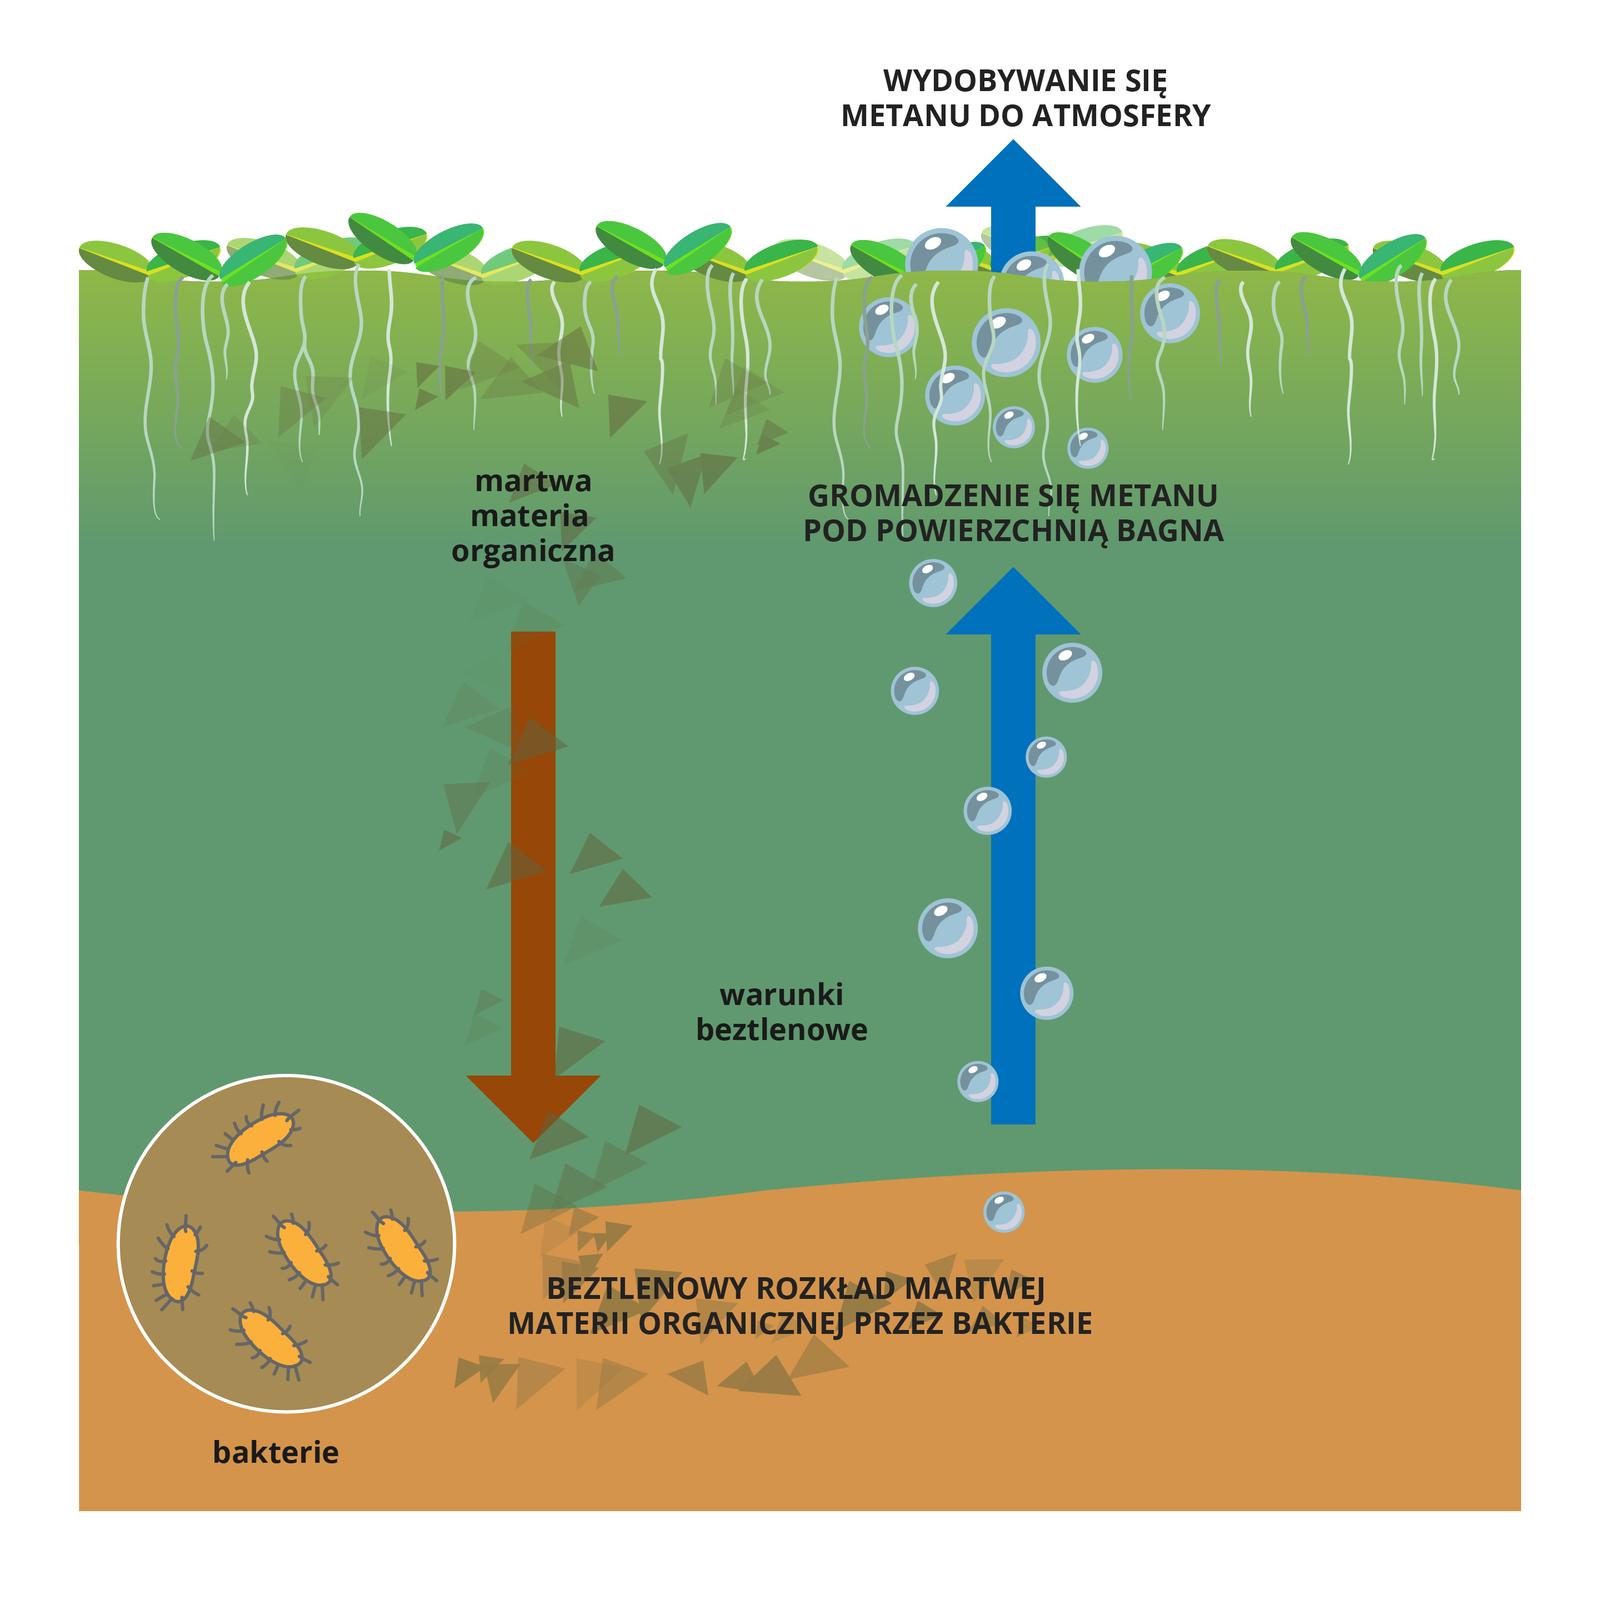 Ilustracja przedstawia schematycznie przekrój przez teren bagienny. Ugóry warstwa pokryta roślinami (rzęsą wodną). Niżej turkusowa warstwa wody, warunki beztlenowe. Na brązowe dno opadają martwe szczątki roślin zpowierzchni (czerwona strzałka). Bakterie, ukazane wpowiększeniu jako pomarańczowe orzęsione pałeczki, rozkładają szczątki, produkując gaz – metan. Wpostaci błękitnych kulek unosi się igromadzi pod powierzchnią wody (niebieska strzałka). Część gazu wydostaje się do atmosfery